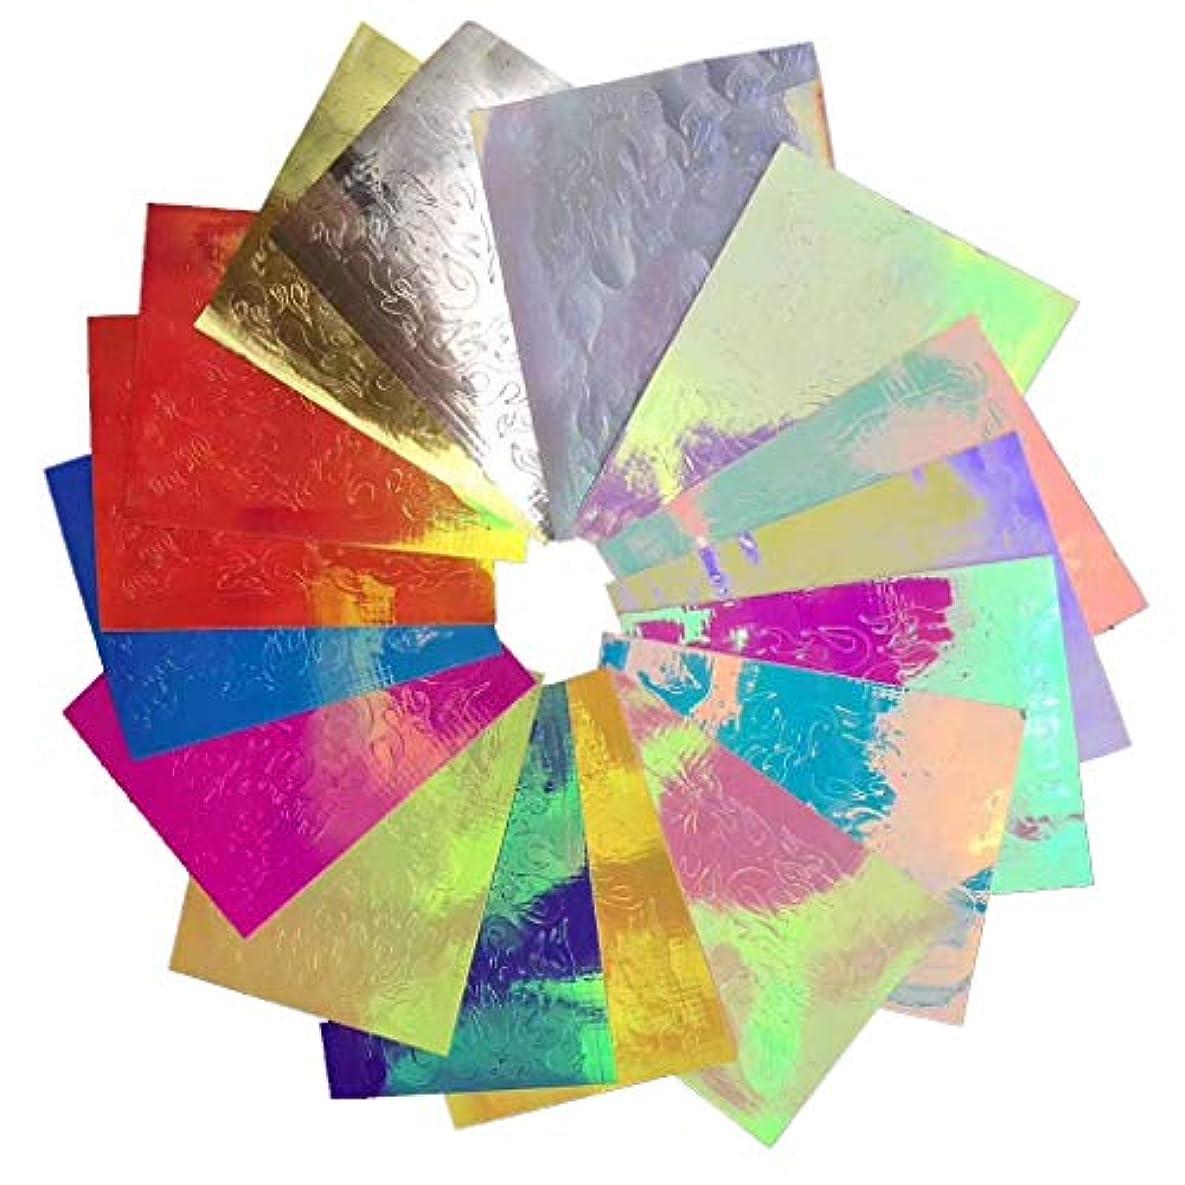 ネイルステッカー 16枚 ネイルアートステッカー炎反射テープ接着ホイルDIYの装飾 可愛いネイル飾り テープ ネイル パーツ (マルチカラー)